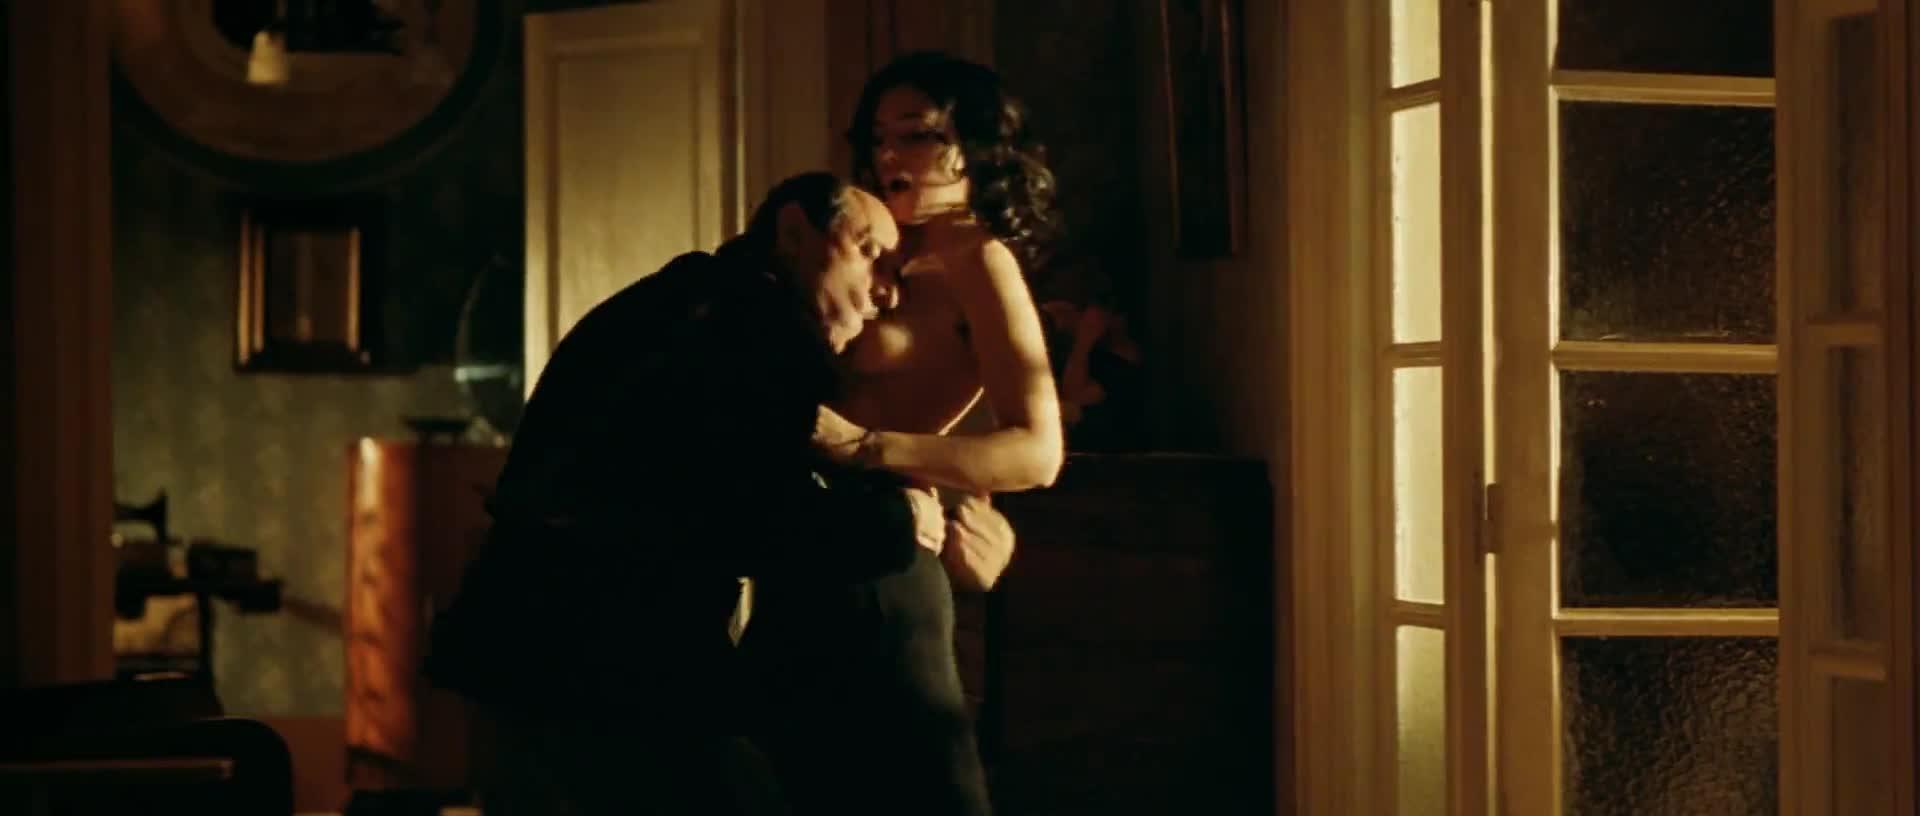 Monica Bellucci screentime in Mal